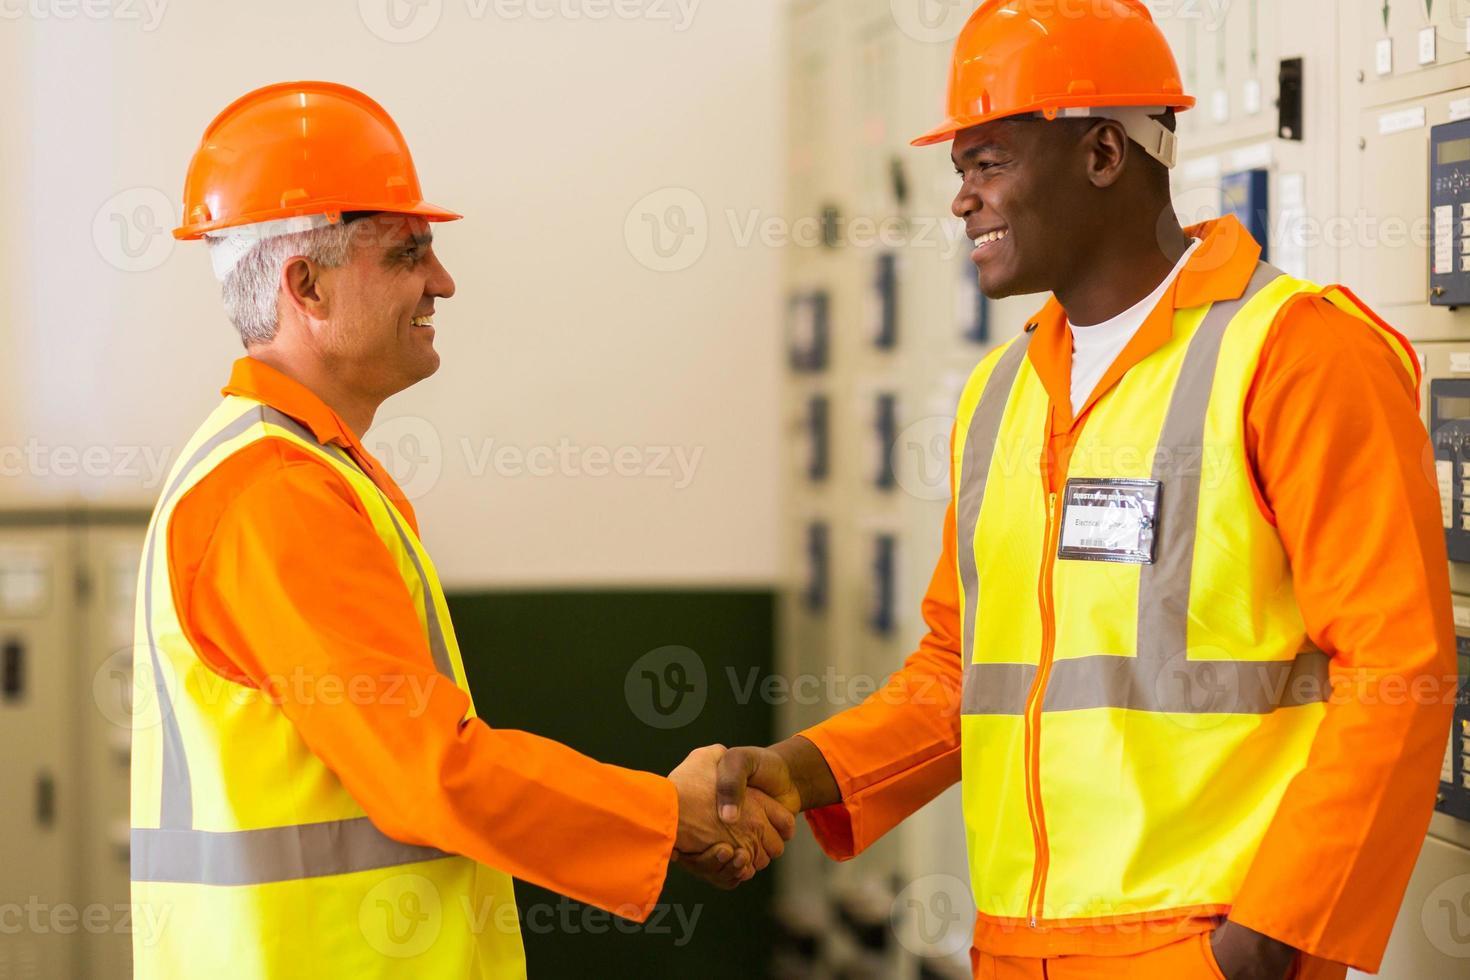 Händeschütteln der Elektrotechniker foto